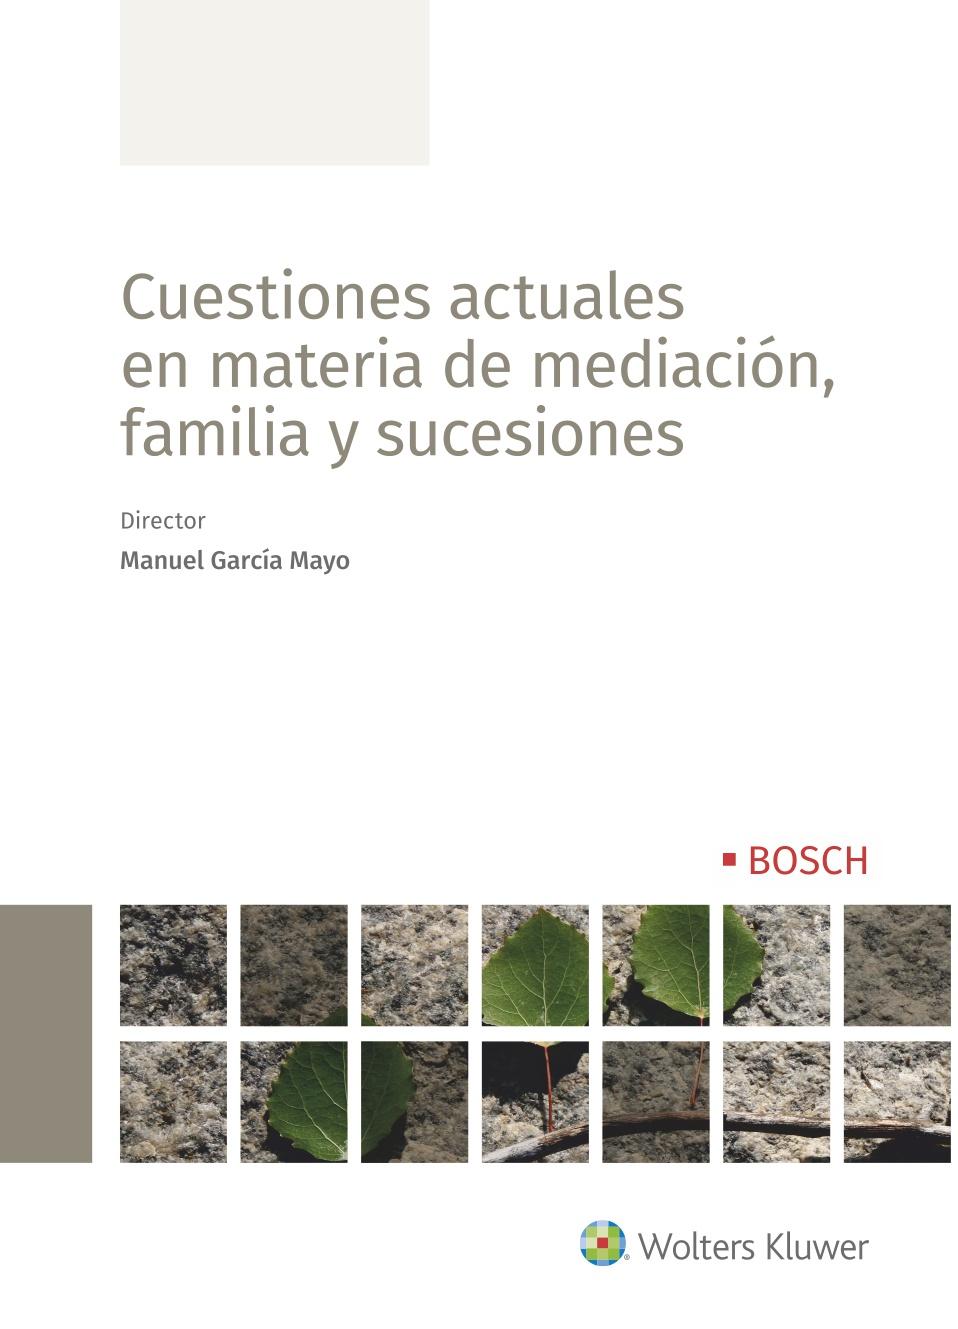 CUESTIONES ACTUALES EN MATERIA DE MEDIACION FAMILIA Y SUCESIONES